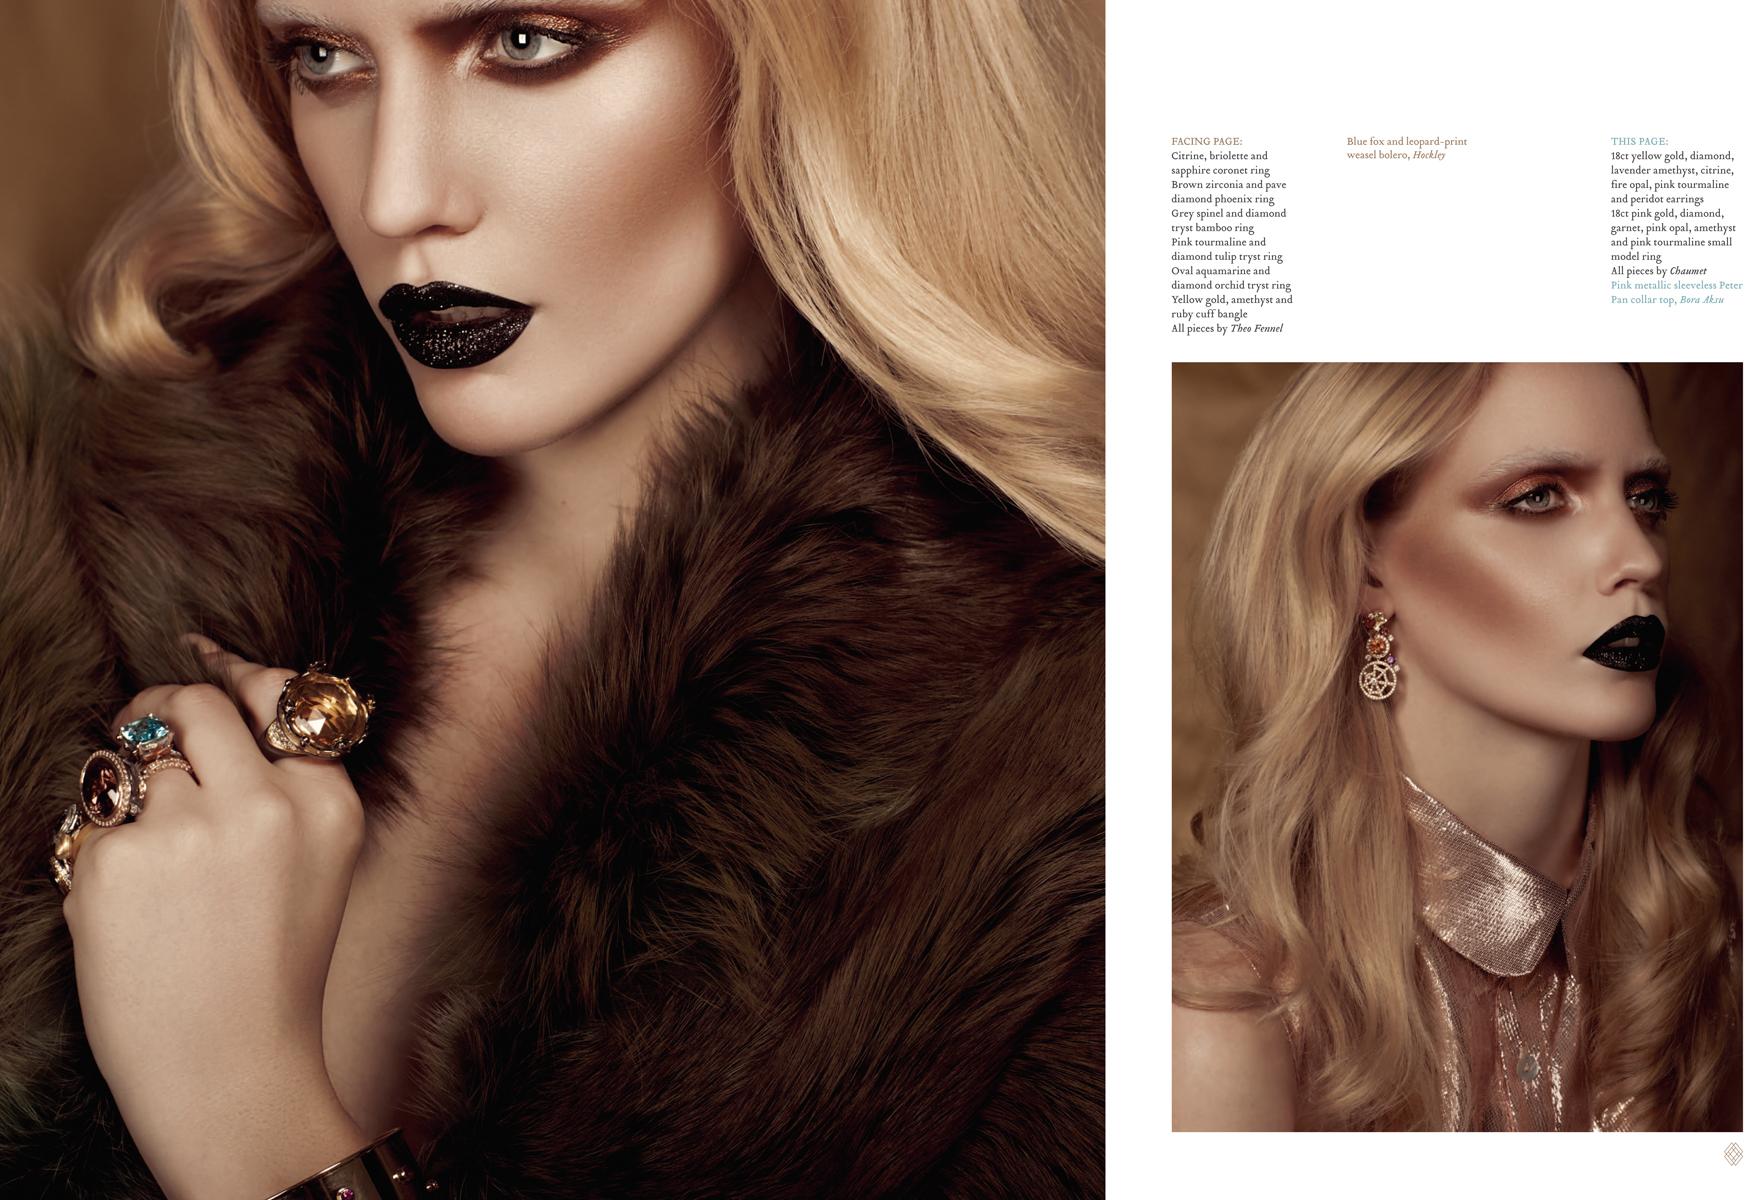 phoenix_magazine_issue_8_3_3-1.jpg